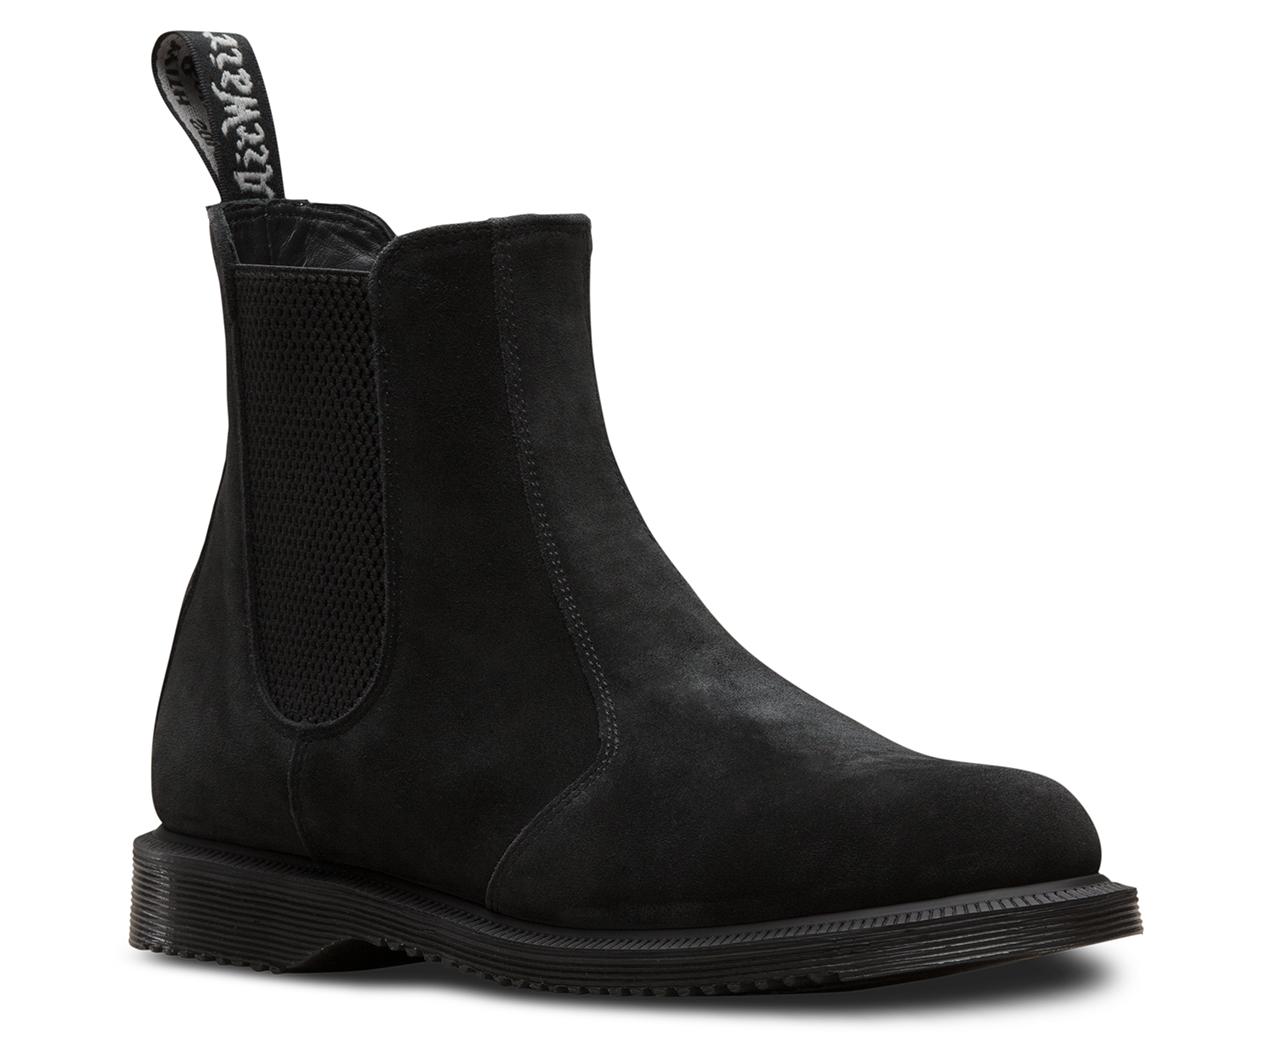 11626c7ff1f FLORA SUEDE | Women's Boots | Dr. Martens Official